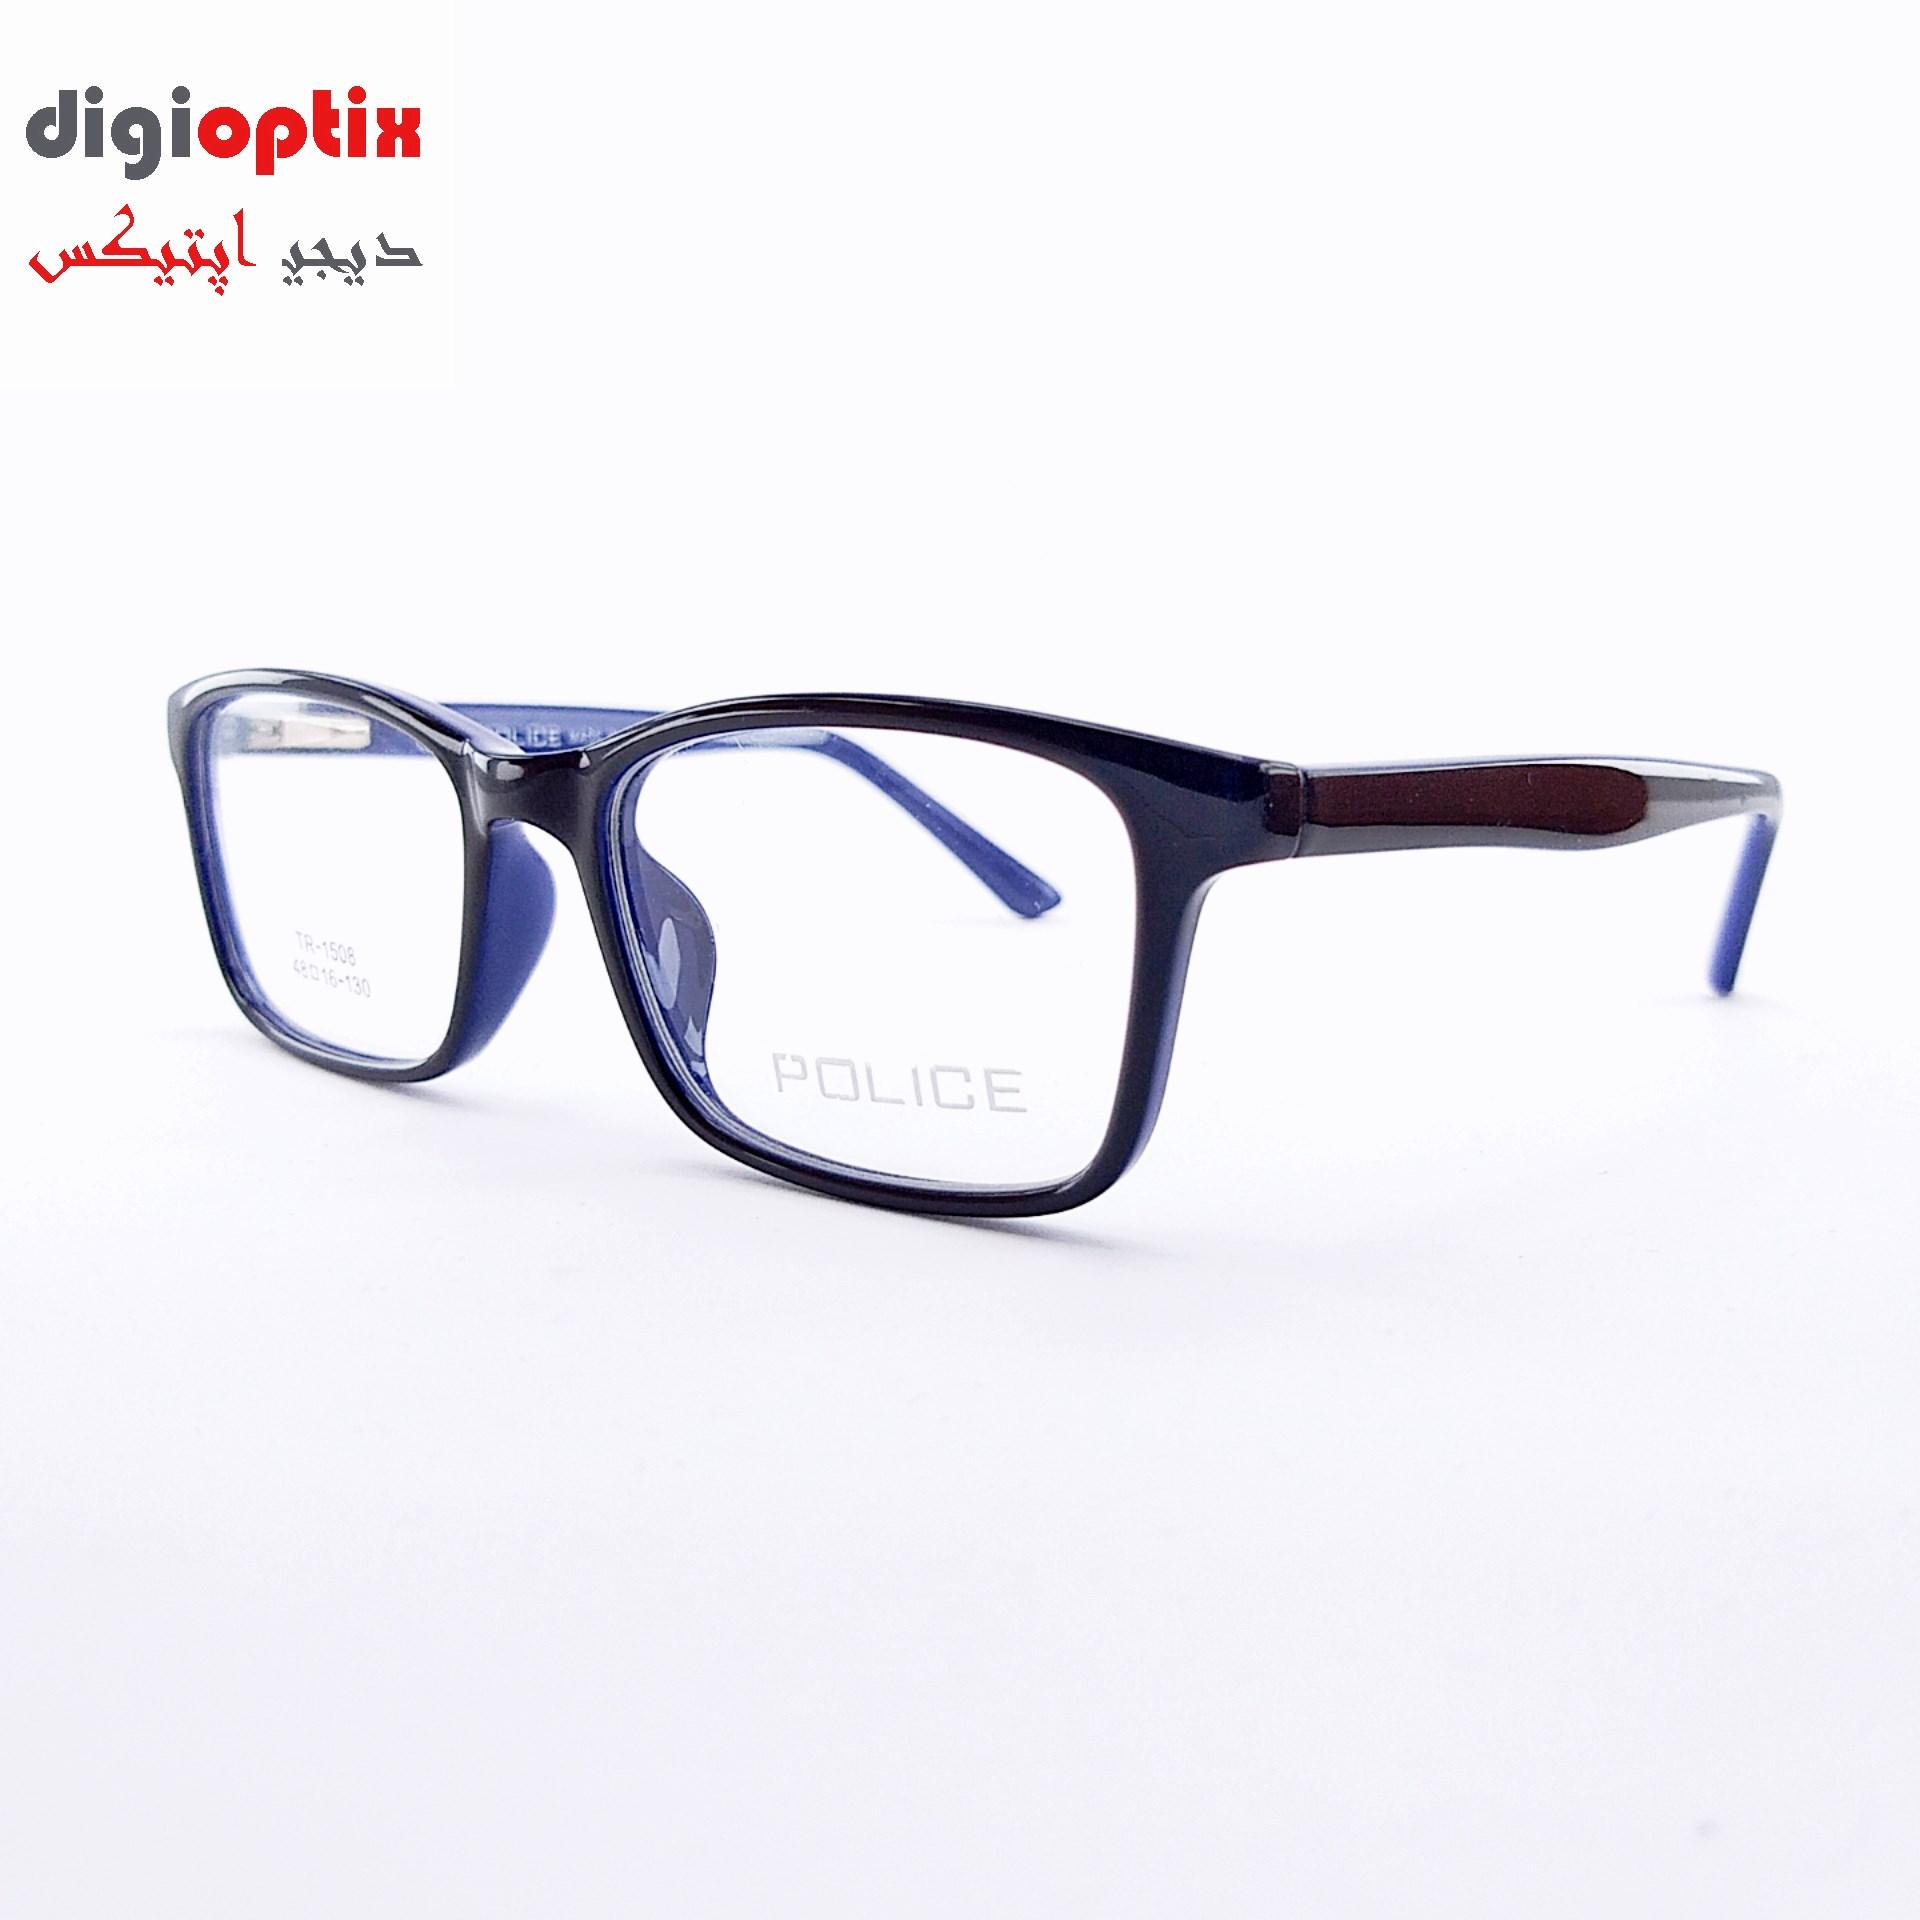 فریم عینک طبی بچگانه استات مارک POLICE رنگ مشکی مات - آبی مدل TR-1503